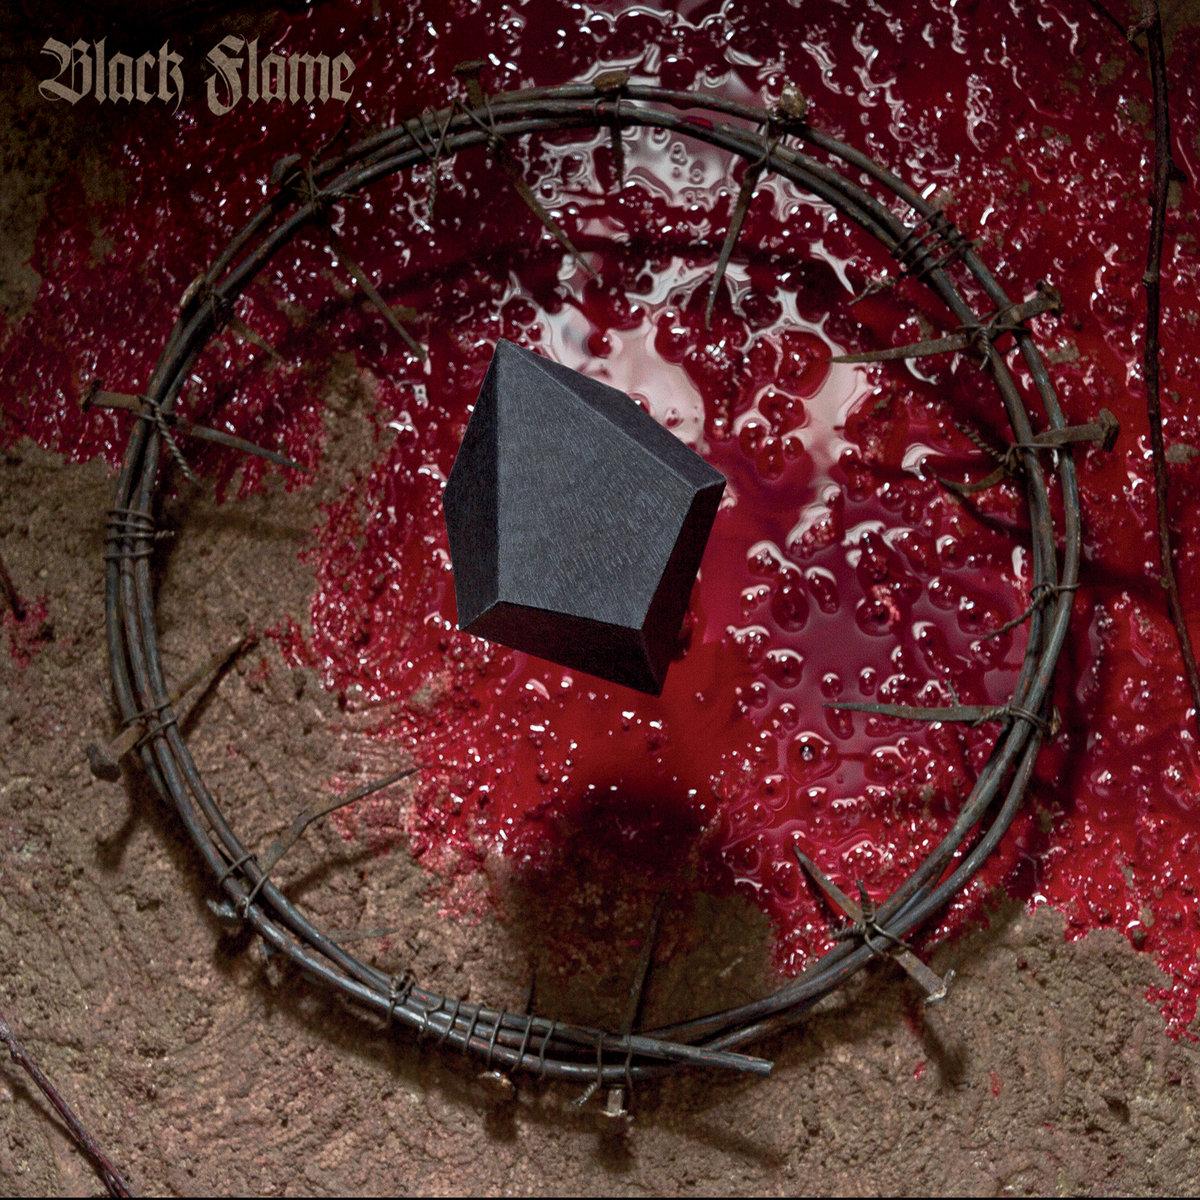 Black Flame - Necrogenesis